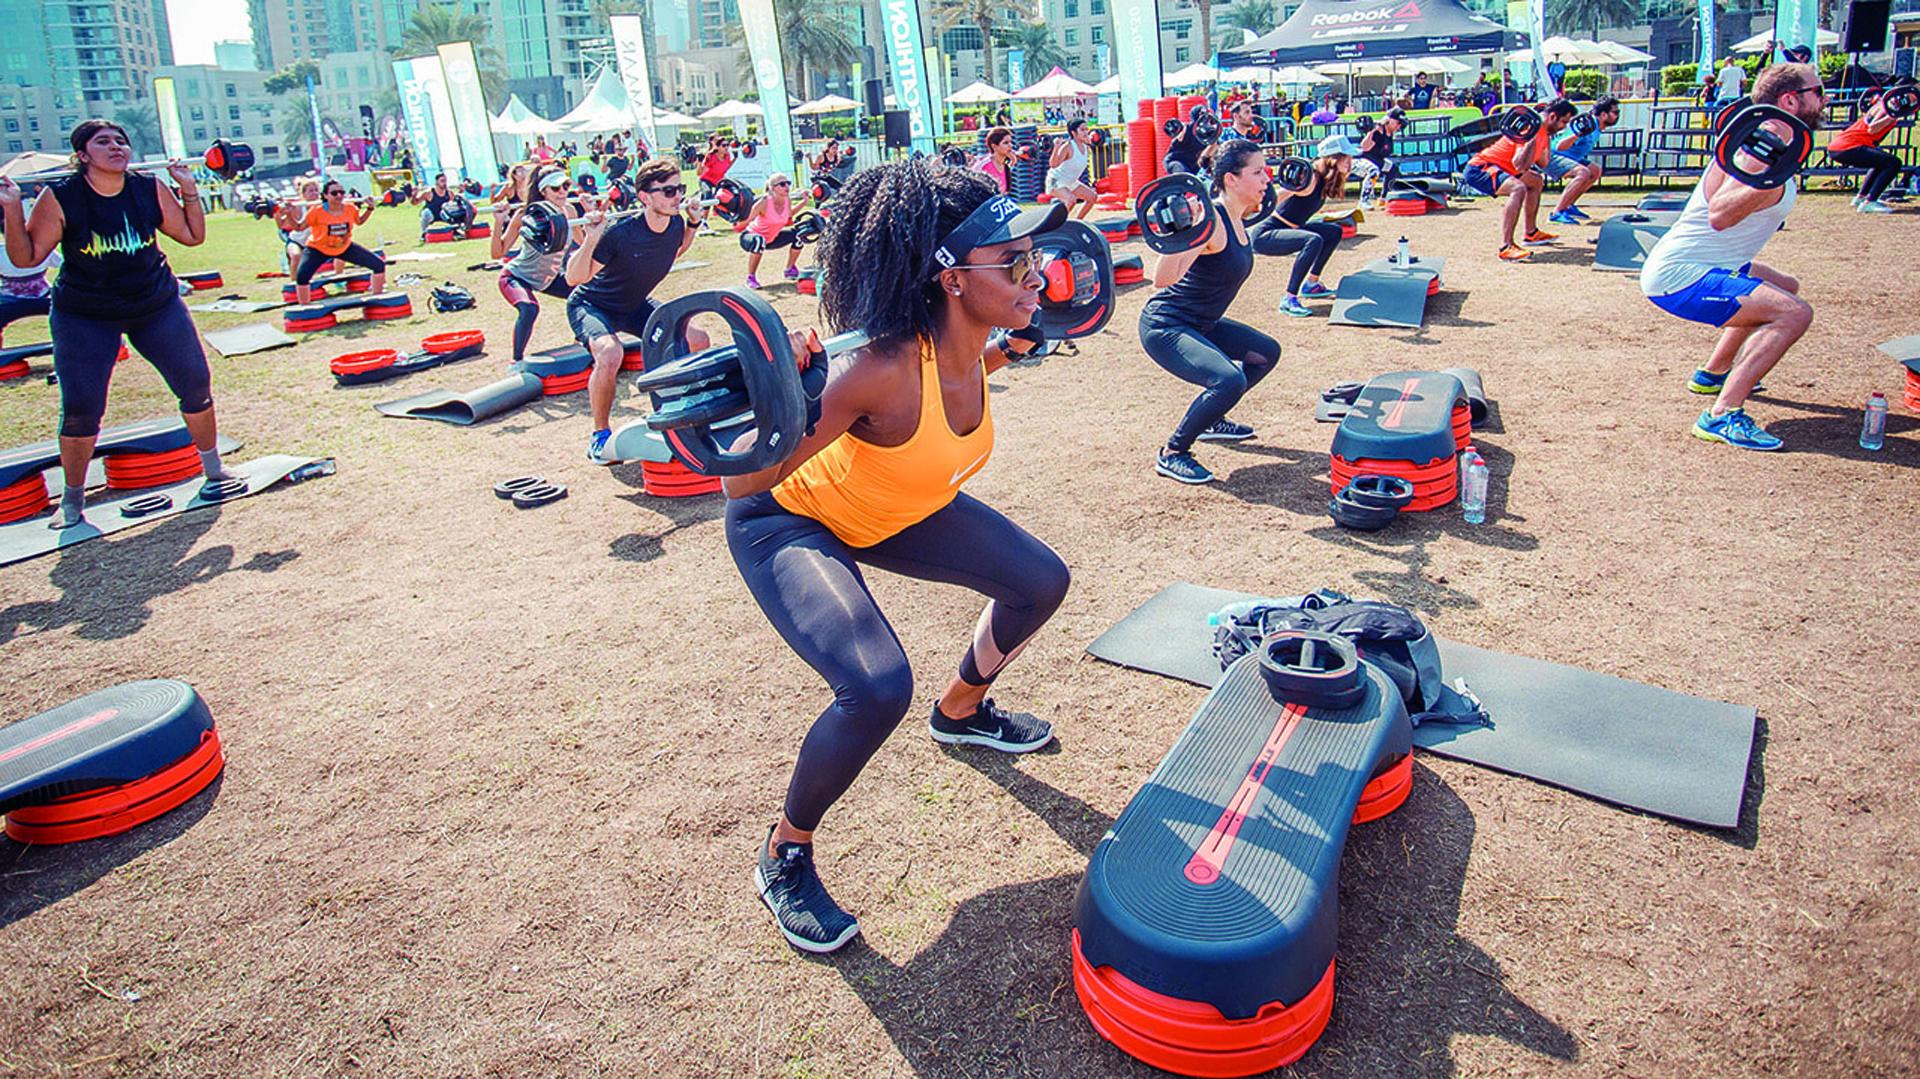 El 44% de los participantes fueron escolares, el 33% trabajadores de corporaciones y el 23%, de entidades gubernamentales (Dubai Fitness Challenge)